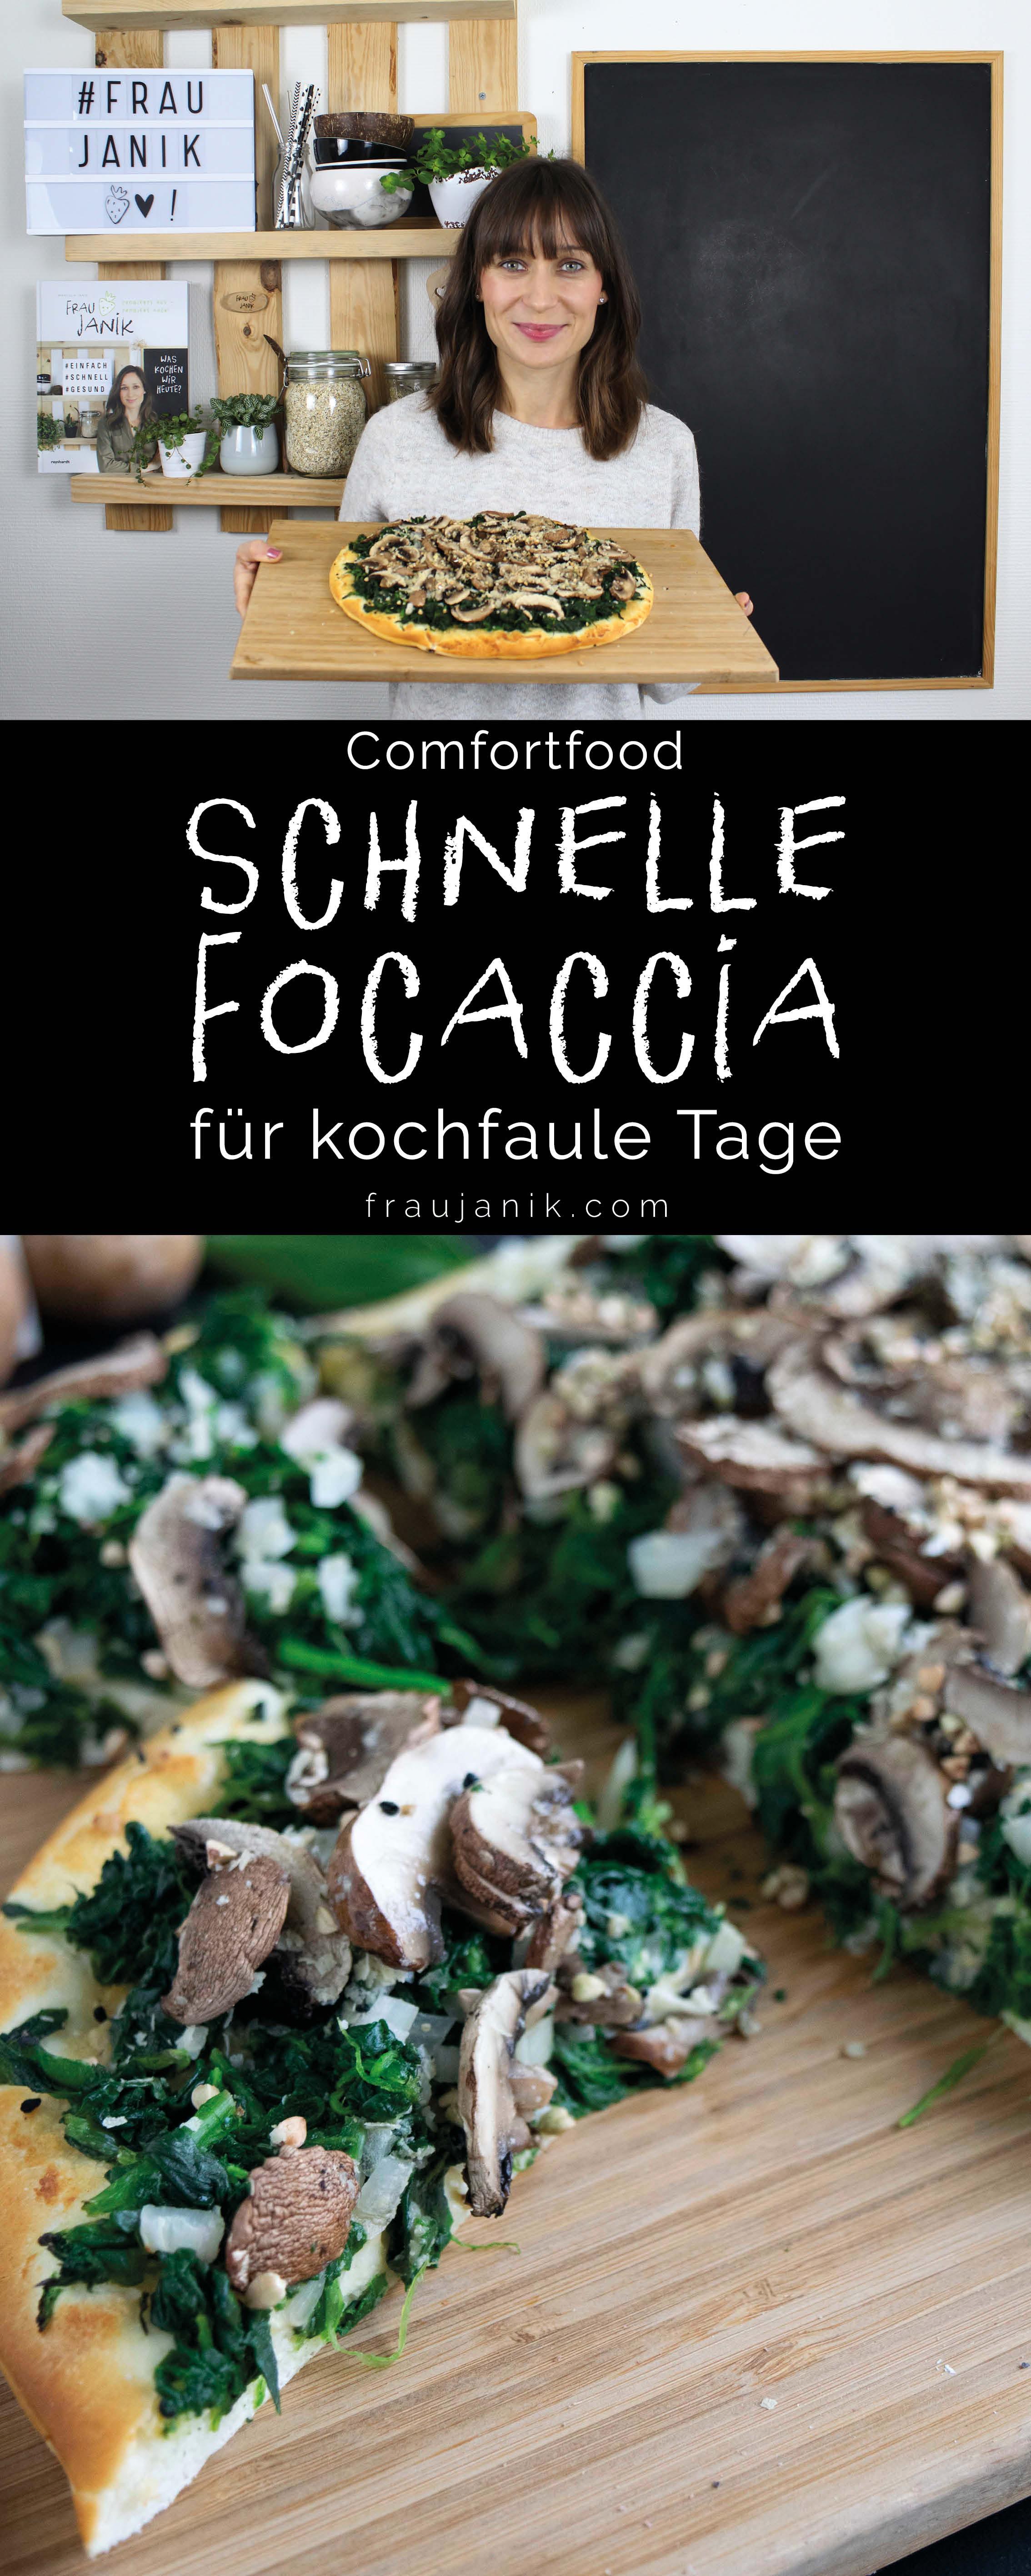 Schnelle Focaccia, Comfortfood, vegane Focaccia, gesunde Focaccia, proteinreiche Focaccia, einfache Focaccia, Focaccia für kochfaule Tage, Rezept für kochfaule Tage, schnelles Focaccia Rezept, einfaches Focaccia Rezept, einfache Hauptspeise, vegane Hauptspeise, vegane Rezepte, winterliche Rezepte, ohne Haushaltszucker, vegan, gesund, proteinreich, fraujanik, Blogger, Basel, Foodblog, schnell und einfach